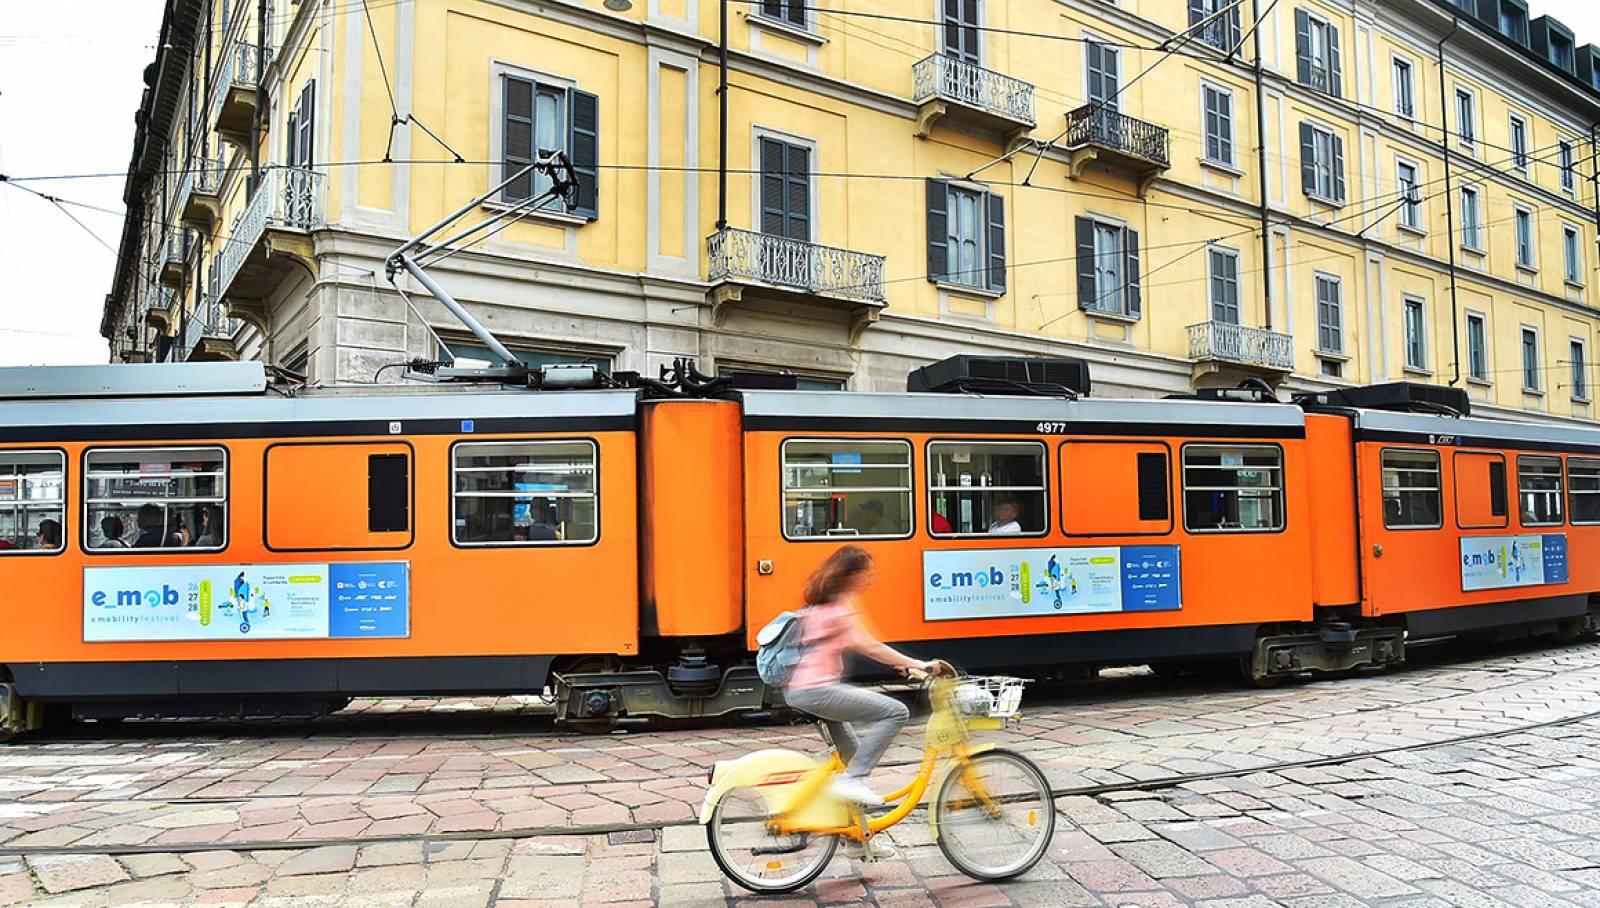 Pubblicità su tram IGPDecaux Side Banner per e-mob festival